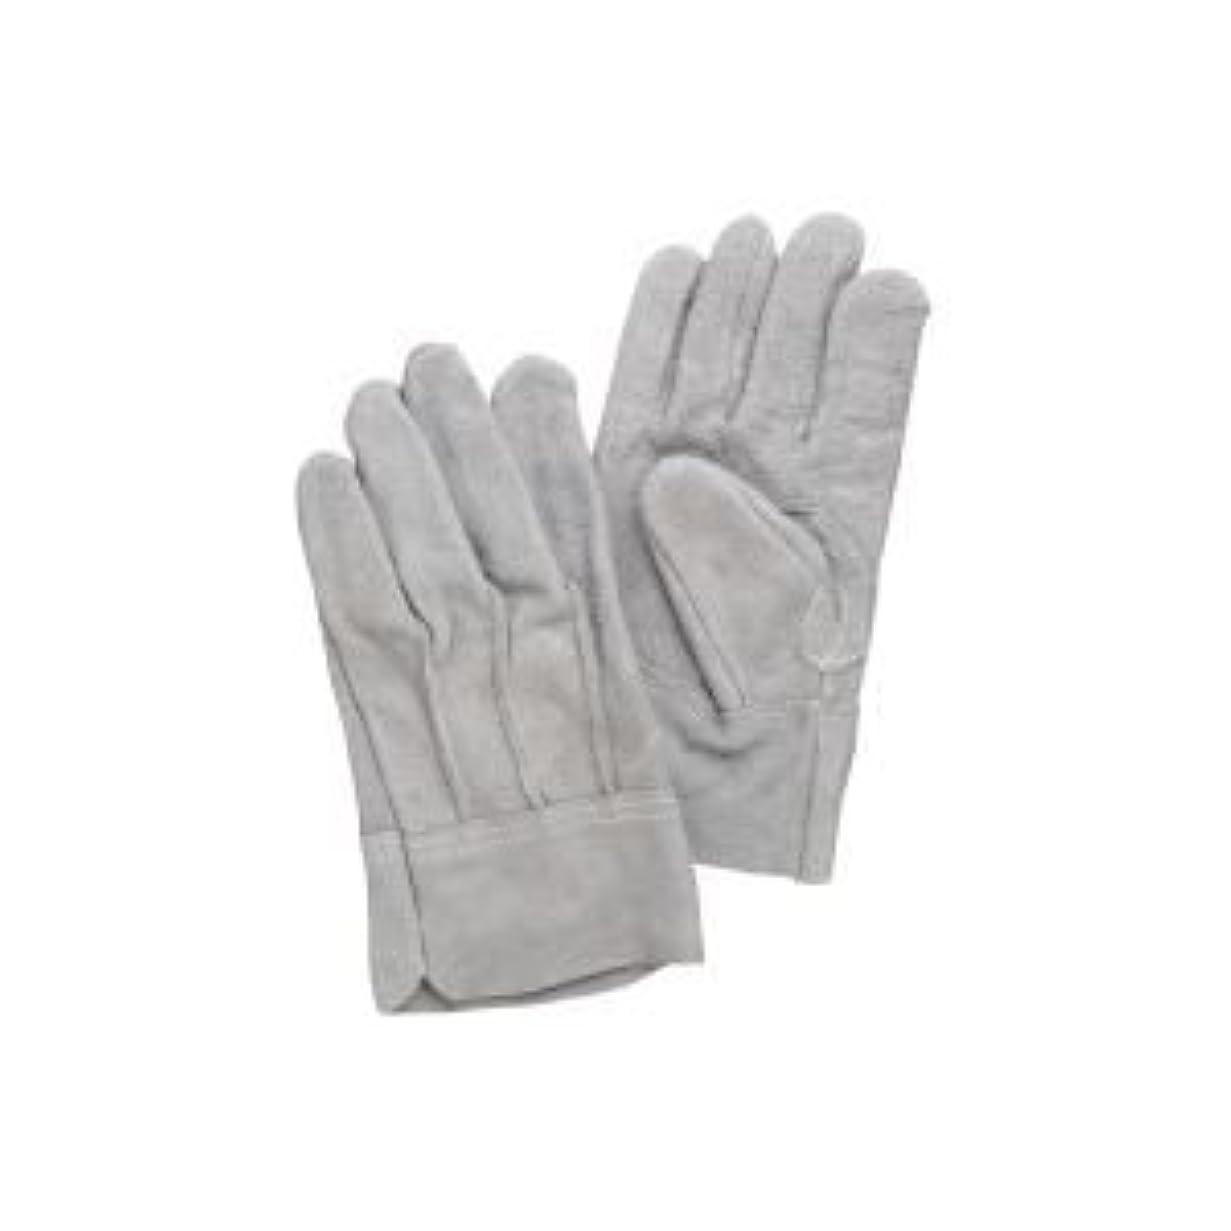 狂ったリングバックかび臭い( お徳用 100セット ) 熱田資材 革手袋床革手袋 背縫い NO.11 グレー